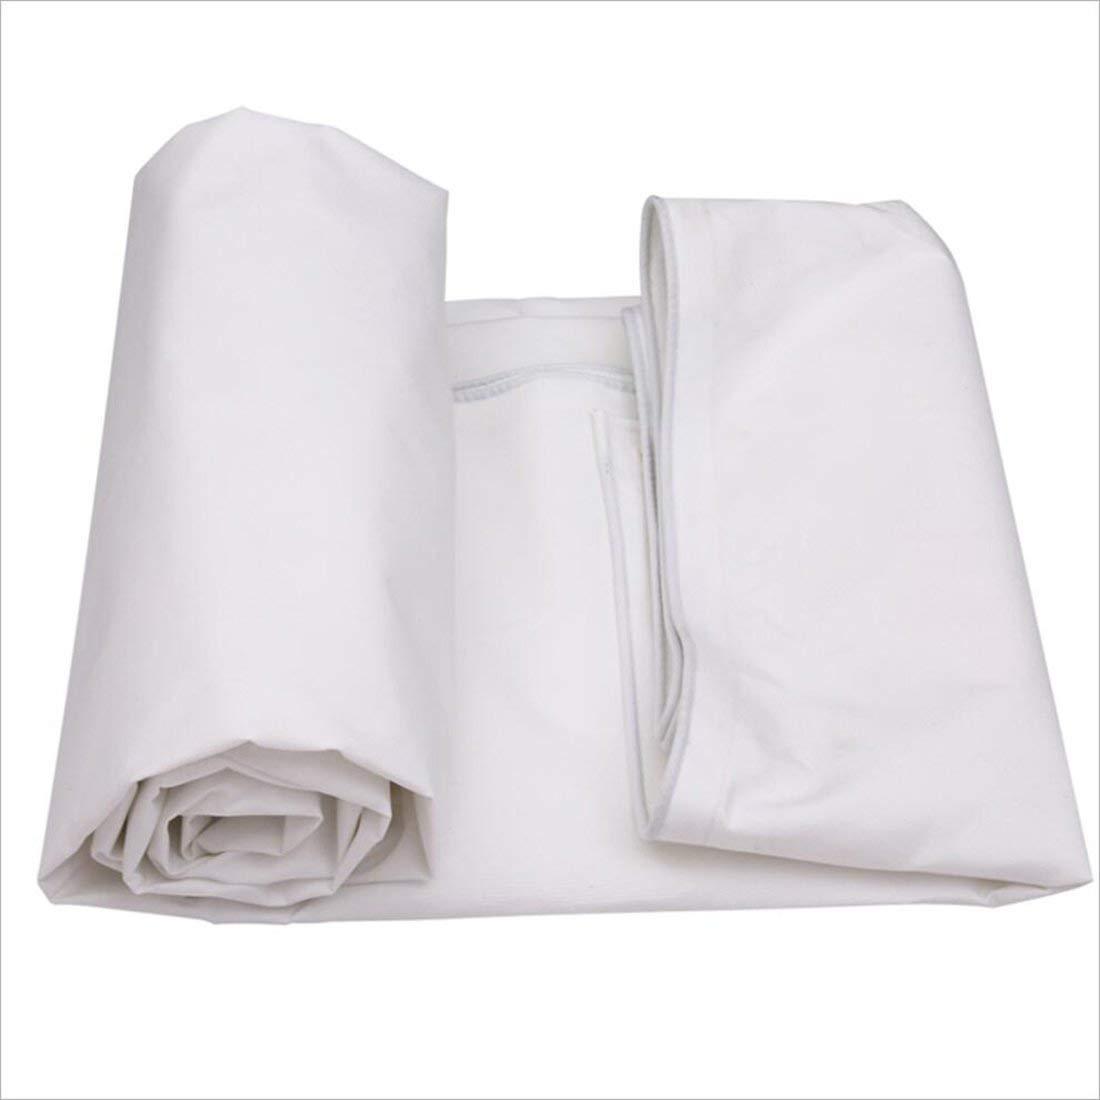 キャンバス雨防水日焼け止めサントラックキャンバスキャノピー布 (Color : 白, サイズ : 4m × 6m) 4m × 6m 白 B07P9HVJQN